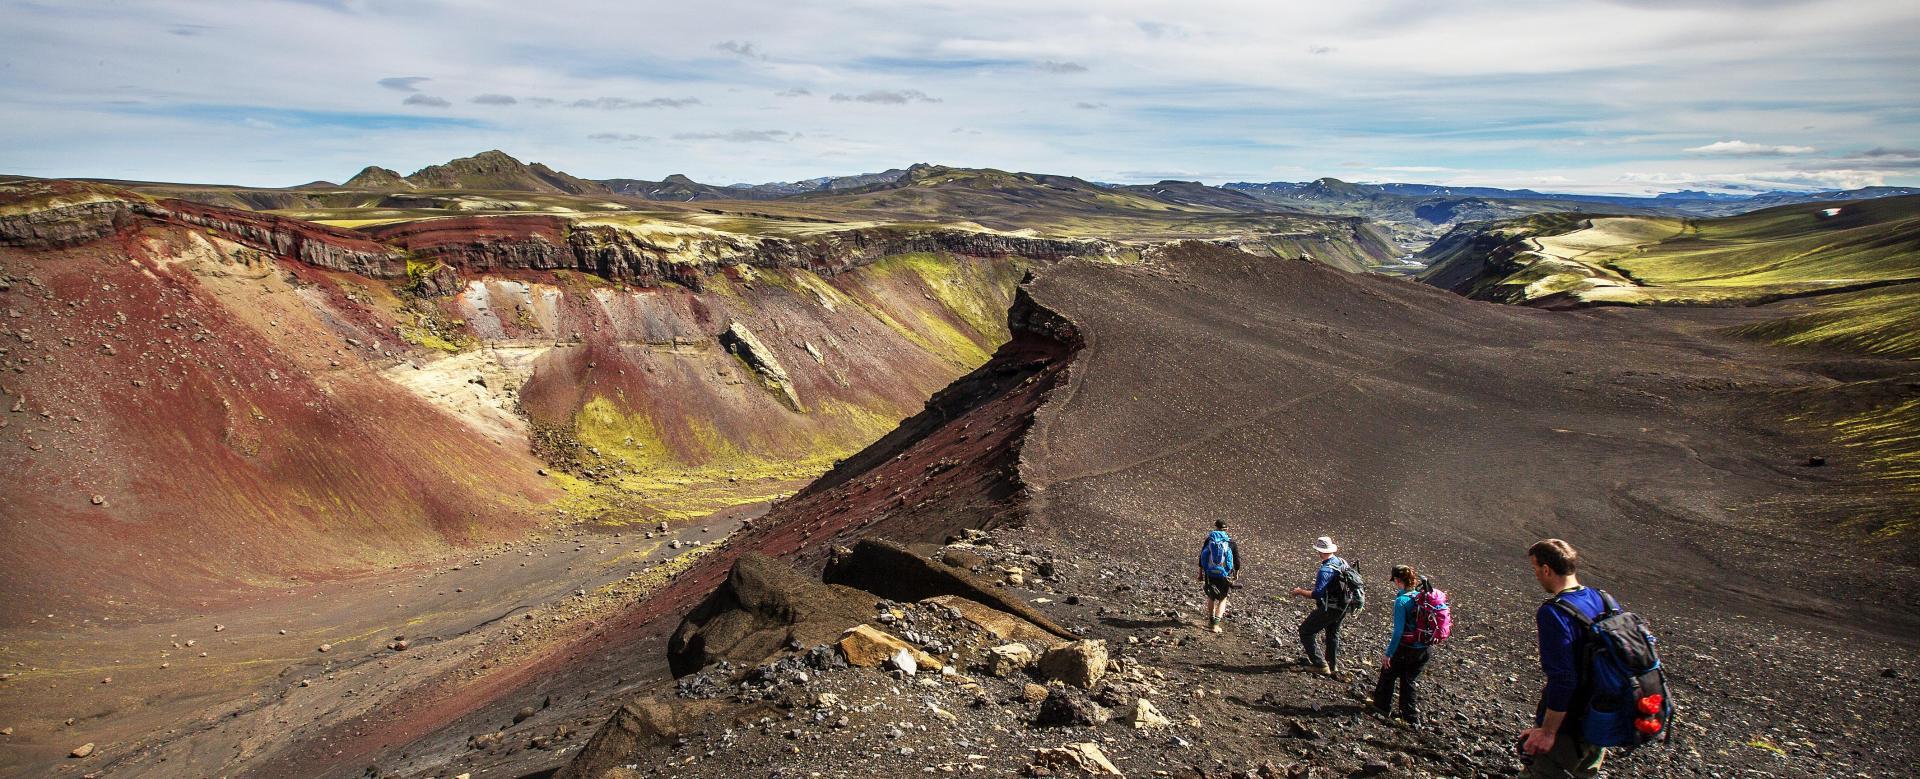 Voyage à pied : Islande inattendue